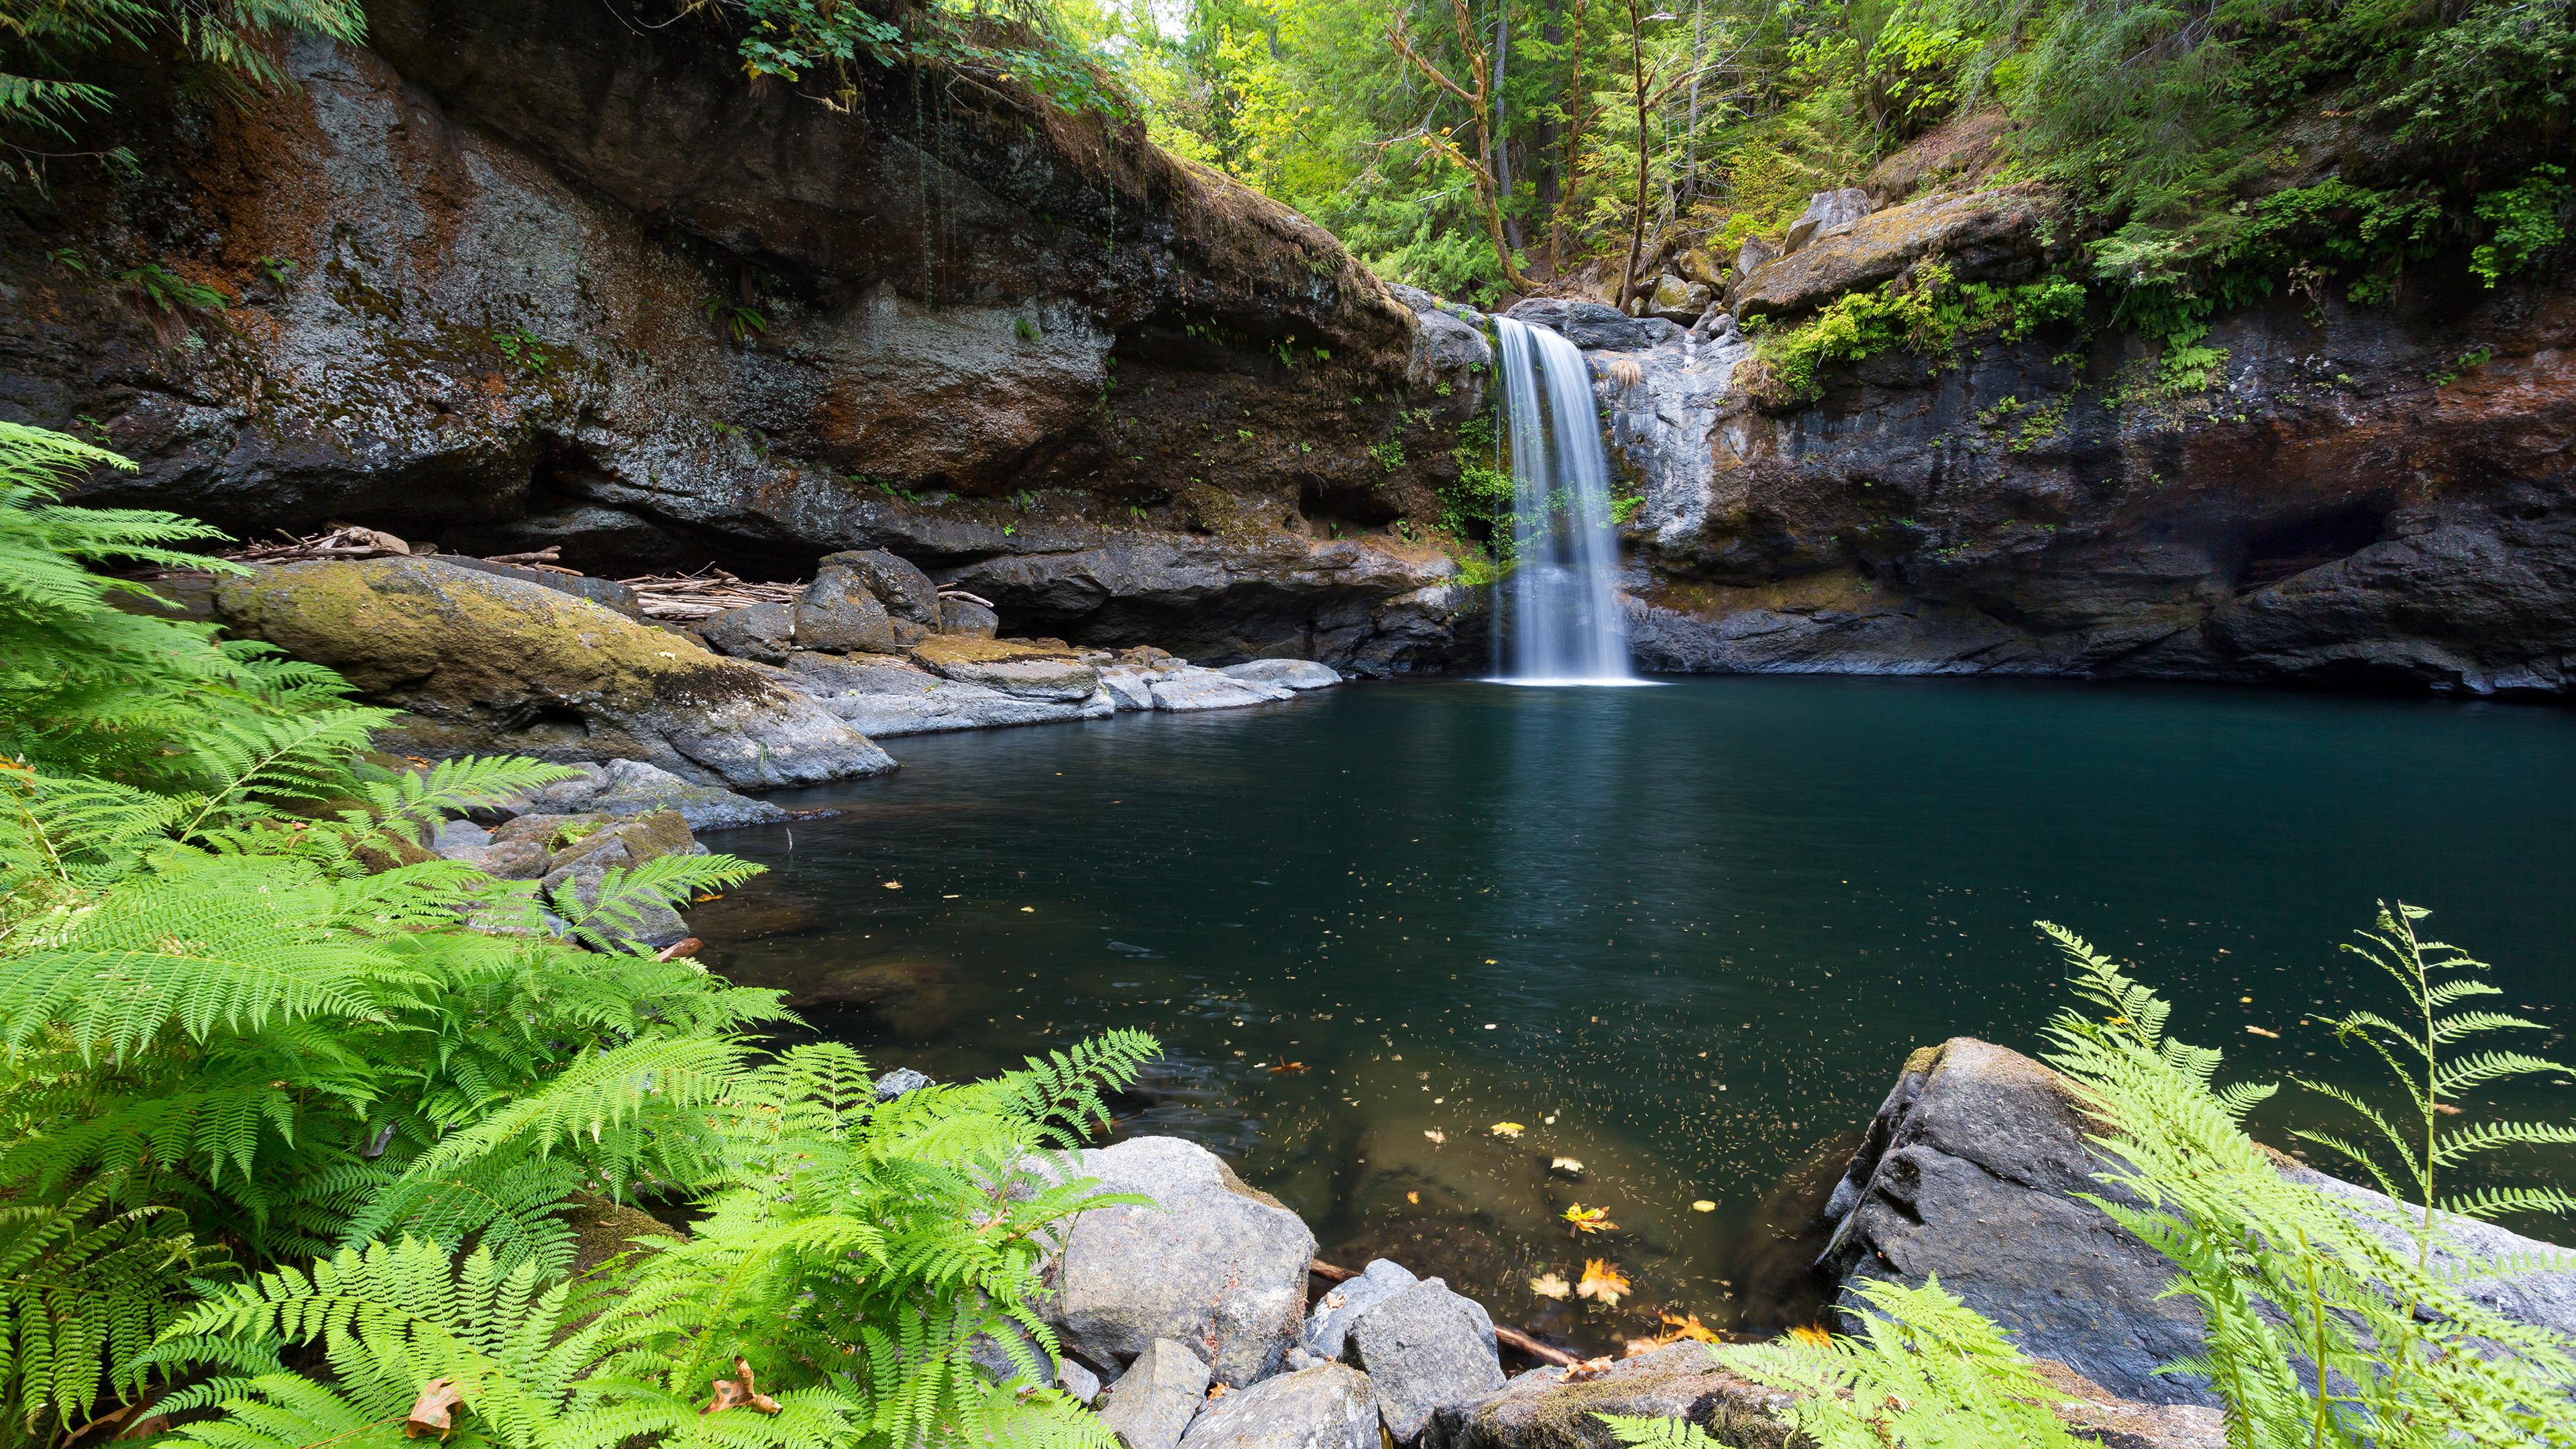 Горный водопад с хрустальными брызгами падающий в озеро,окруженным пышной зеленью папоротника